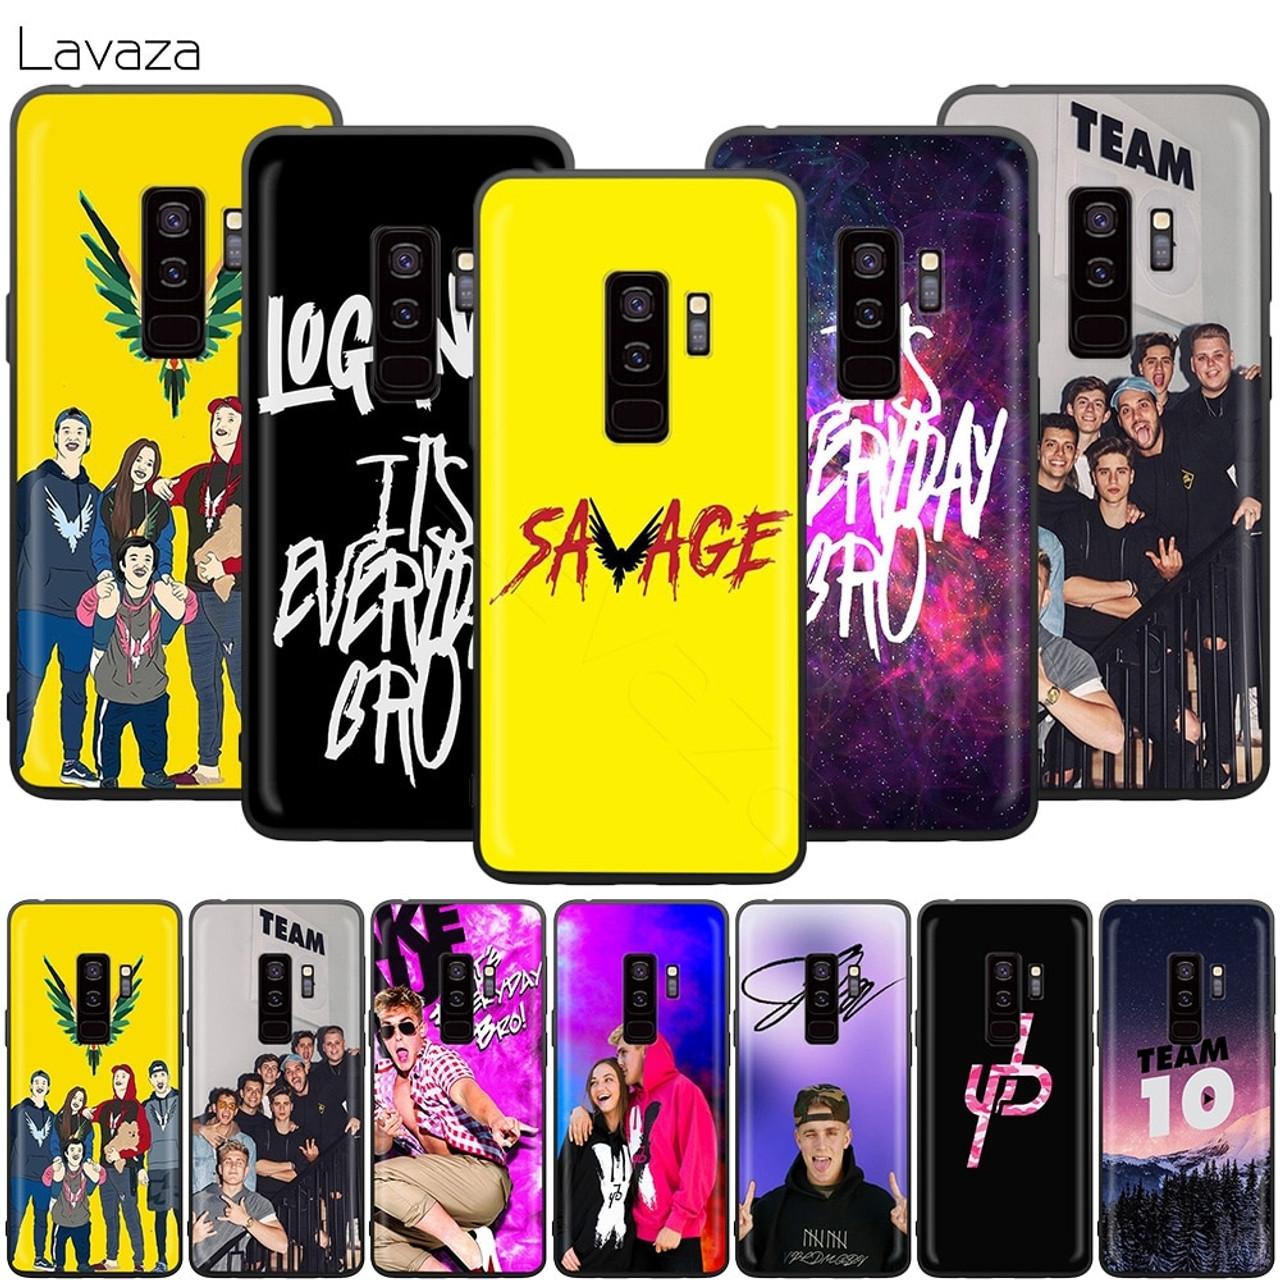 9a992e90e Lavaza Jake Paul Team 10 Case for Samsung Galaxy S10 S9 S8 S7 S6 Plus Note  ...